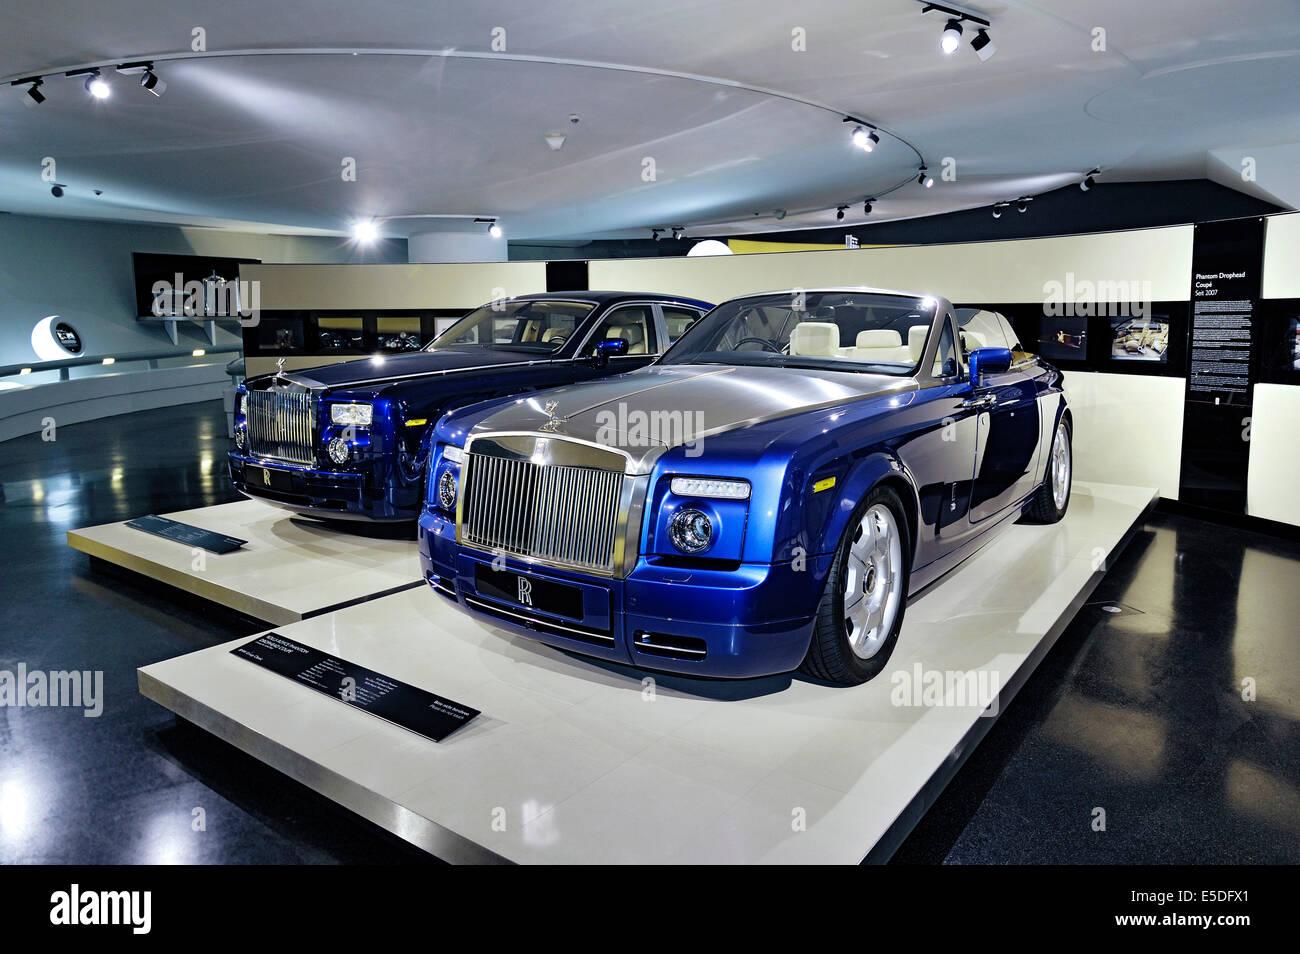 Rolls-Royce Phantom Drophead Coupe, 2007, y 2003, sedán BMW Museum, Munich, la Alta Baviera, Baviera, Alemania Imagen De Stock